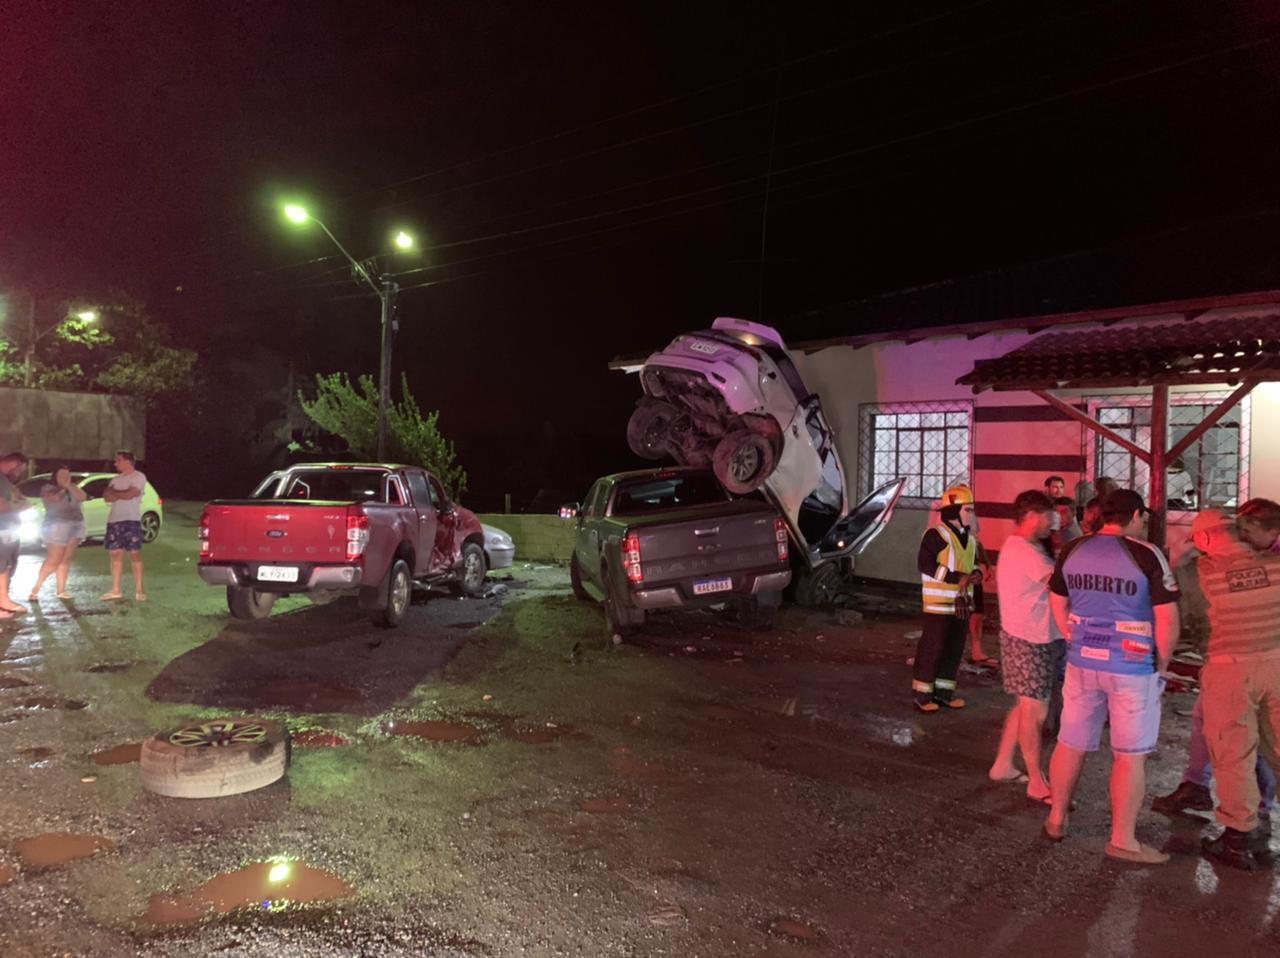 Acidente envolveu quatro carros em estacionamento de pizzaria - Bombeiros Voluntário de Guaramirim/Divulgação